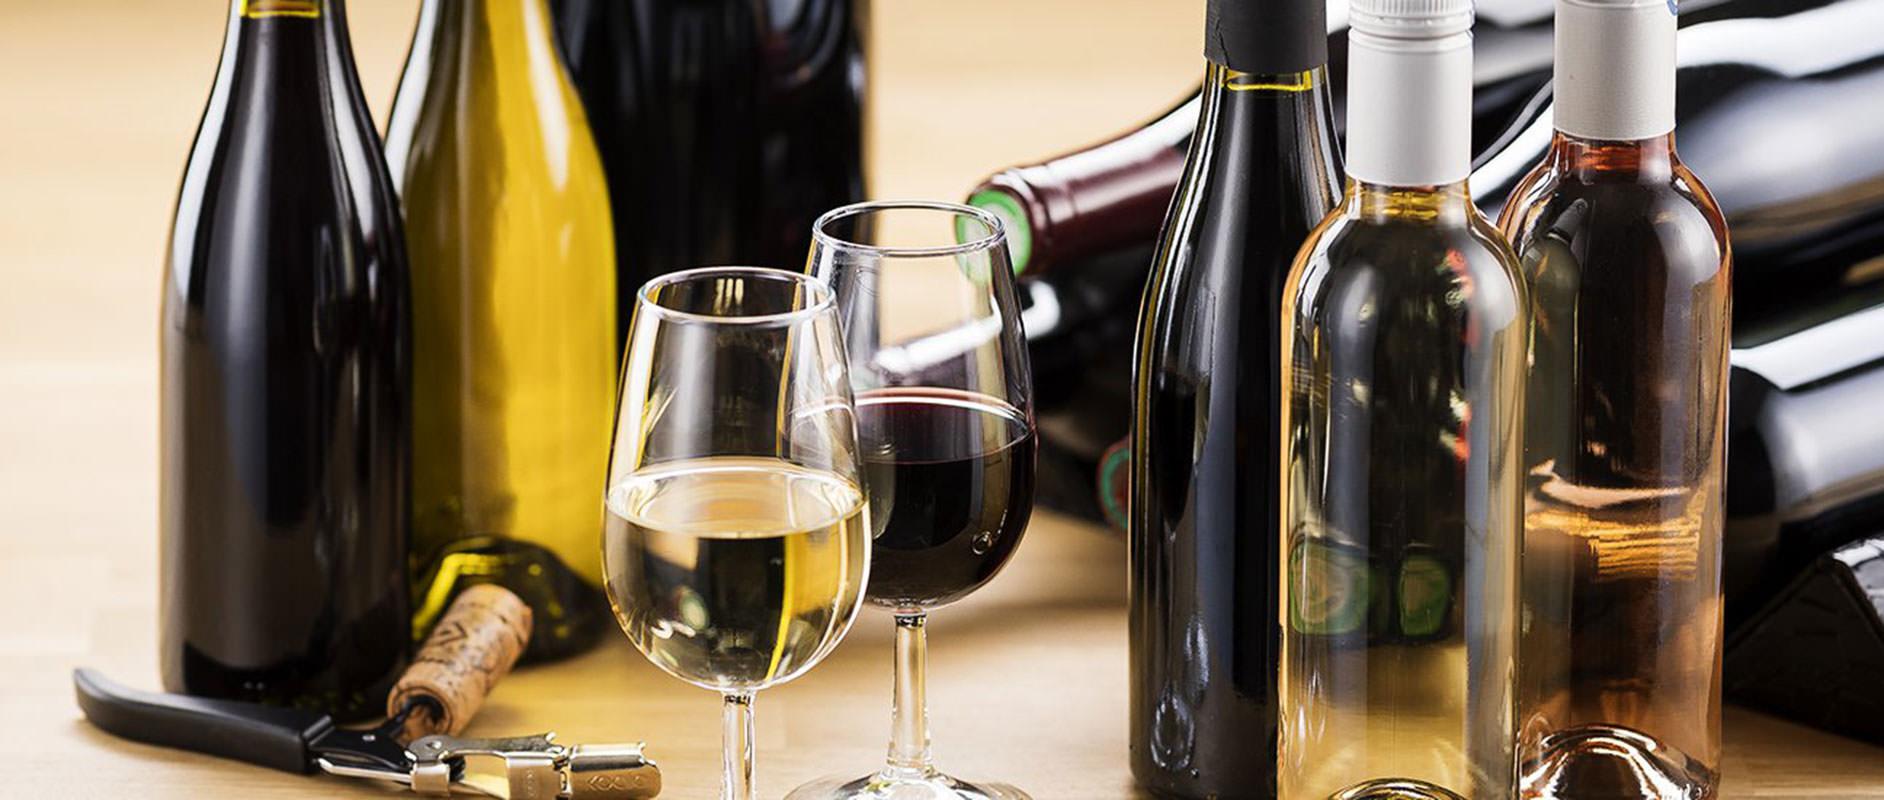 Half Bottles Wines